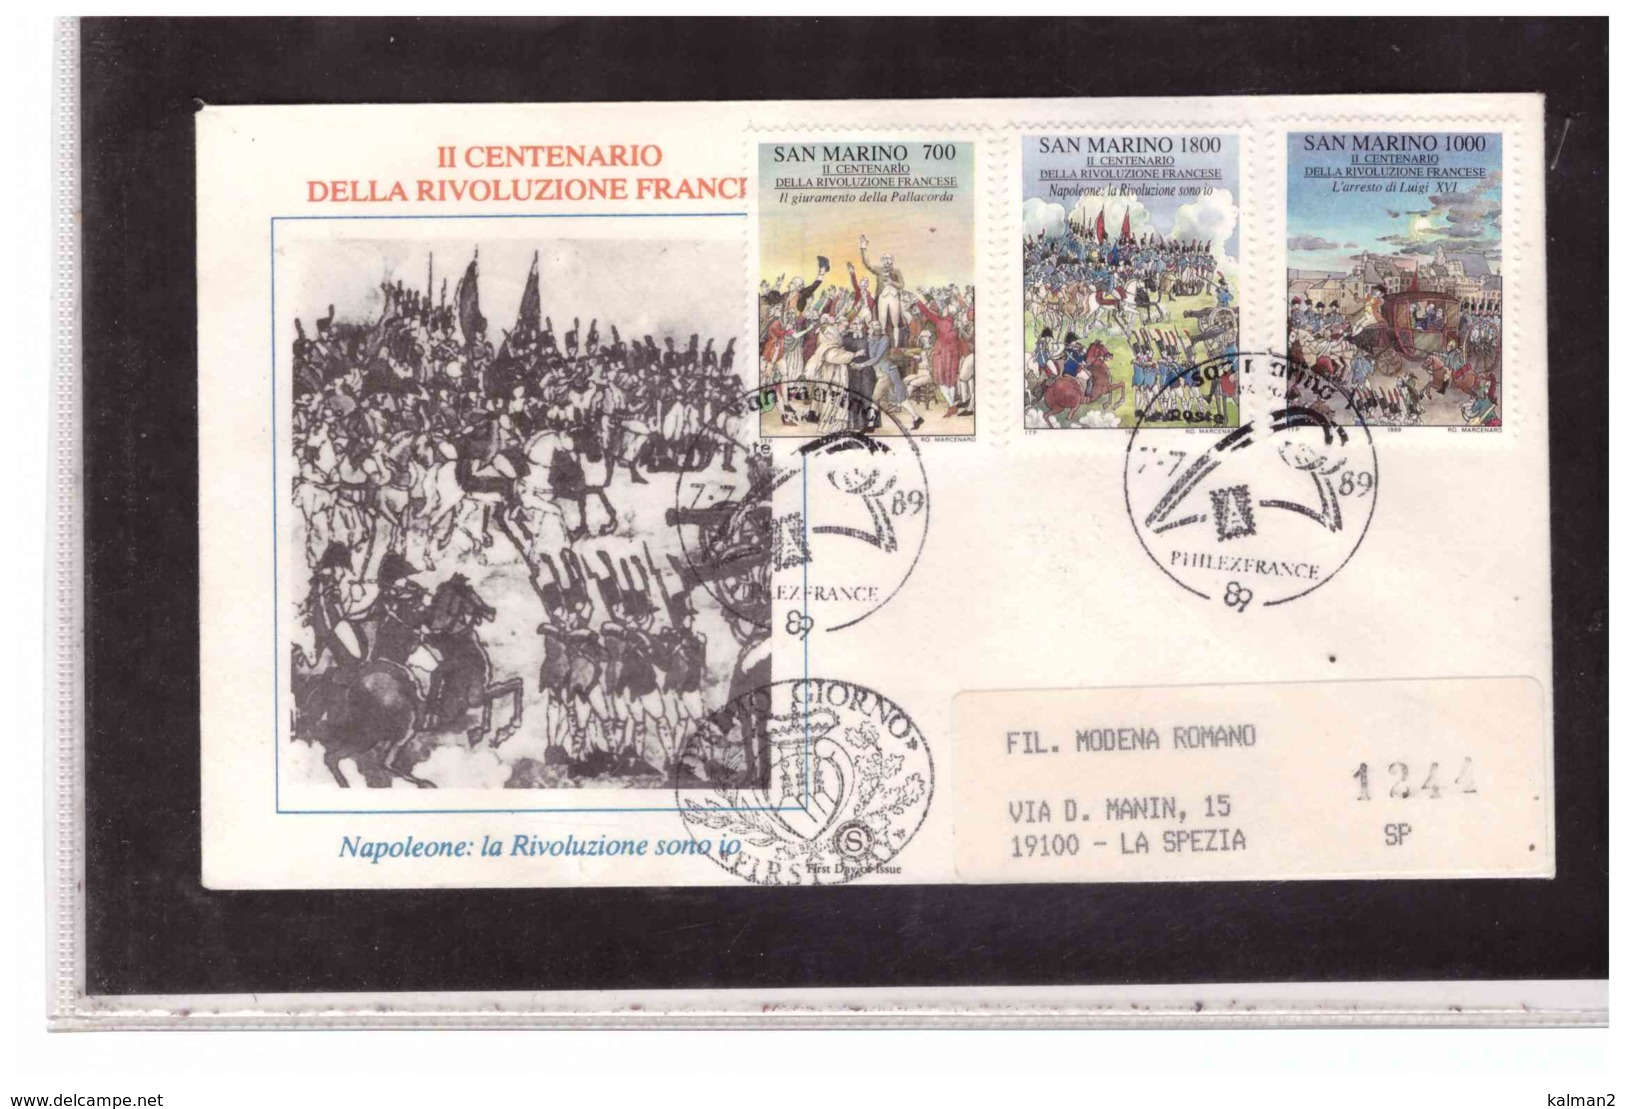 FDC5492  -  SAN MARINO  7.7.1989    /   FDC CAT.UNIFICATO   1262/64   -  BICENTENARIO  DELLA RIVOLUZIONE FRANCESE - Franz. Revolution